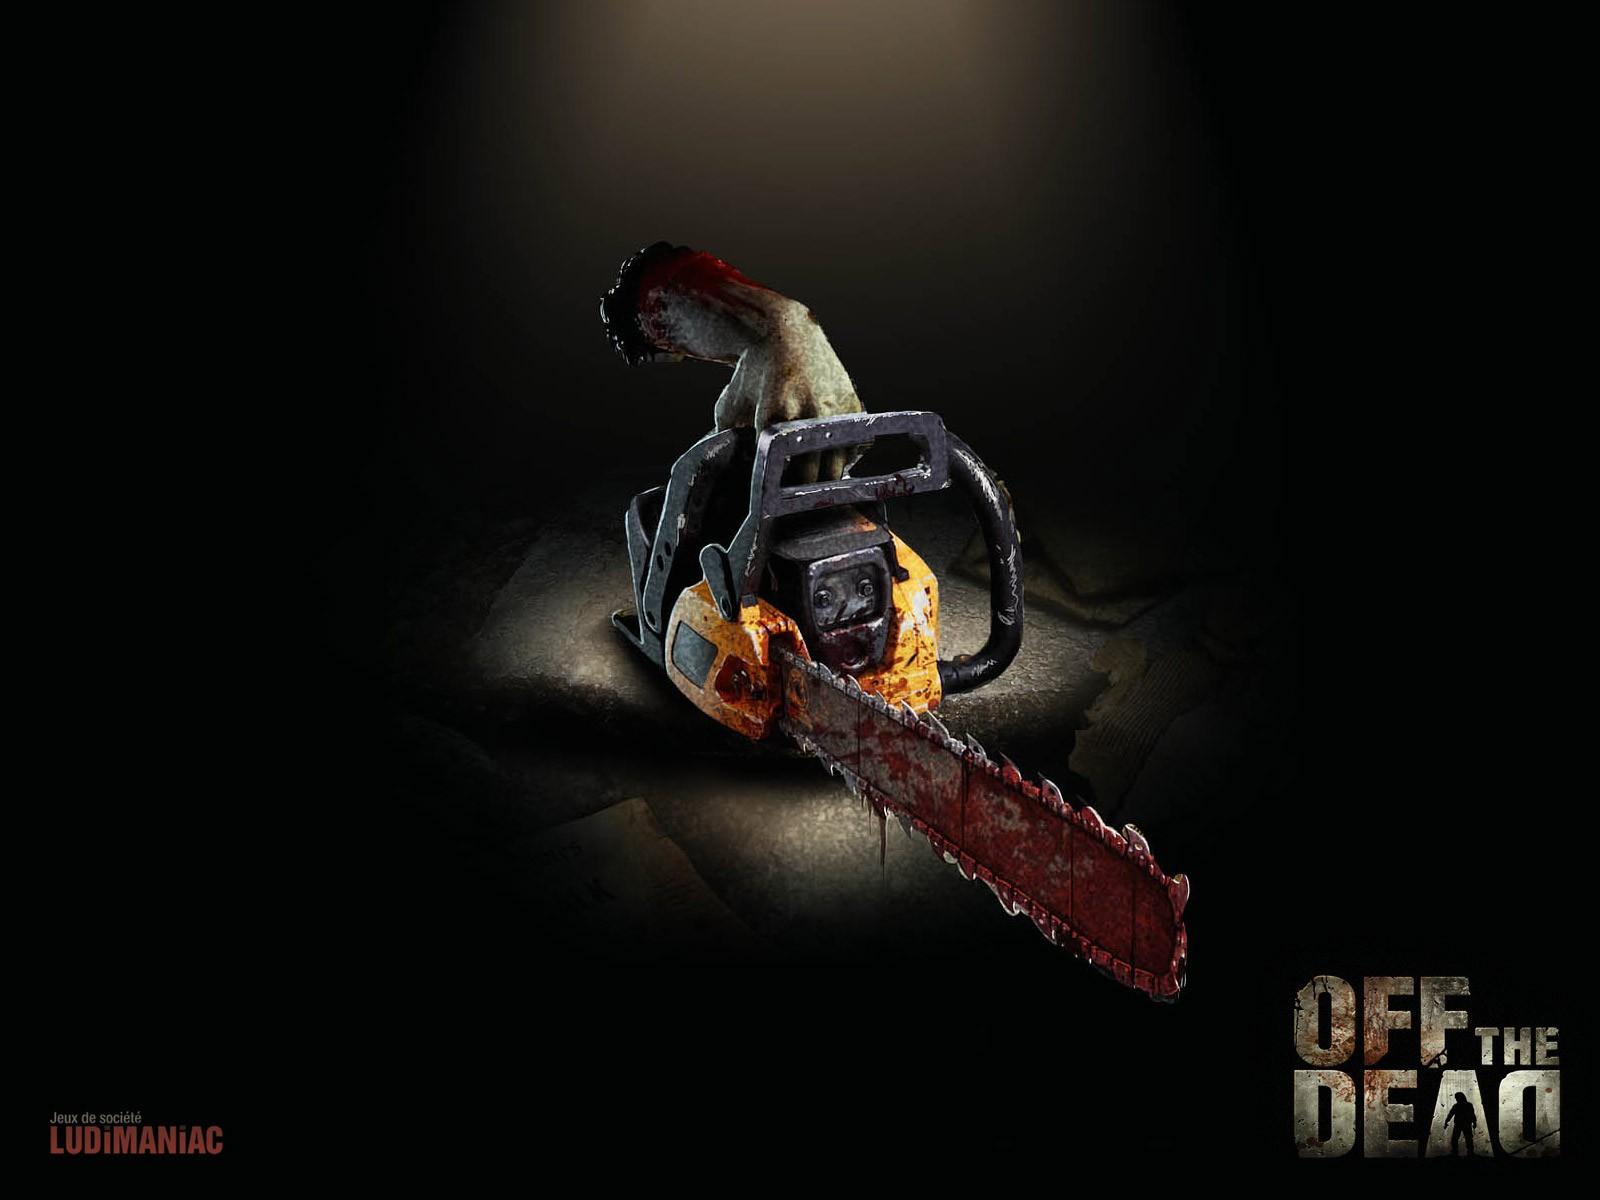 http://1.bp.blogspot.com/-xQDRj_E_2JY/UDlbrPVuaYI/AAAAAAAAIFQ/TwbizoB-muM/s1600/chainsawthedead-414562.jpg